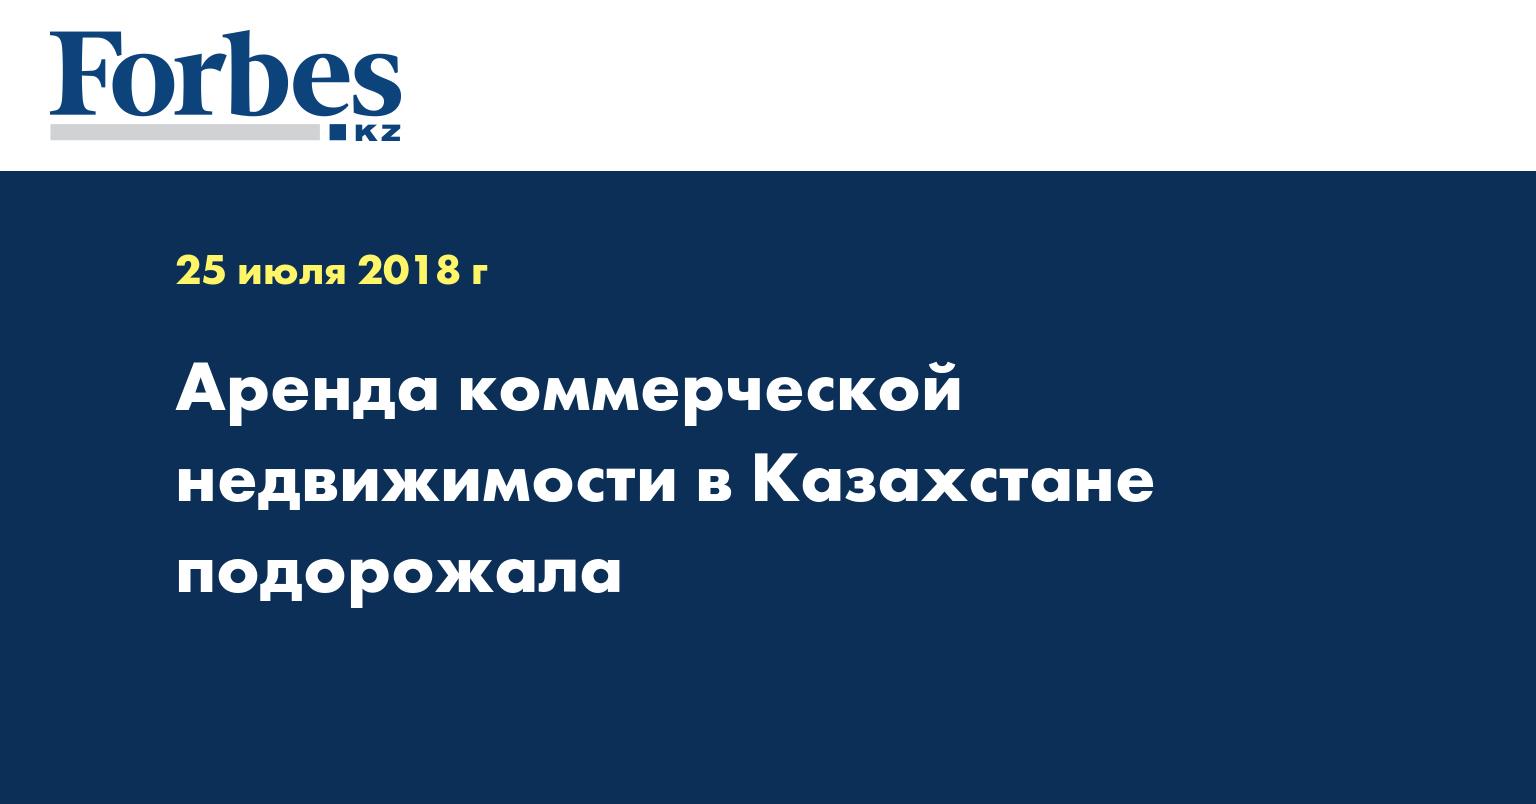 Аренда коммерческой недвижимости в Казахстане подорожала